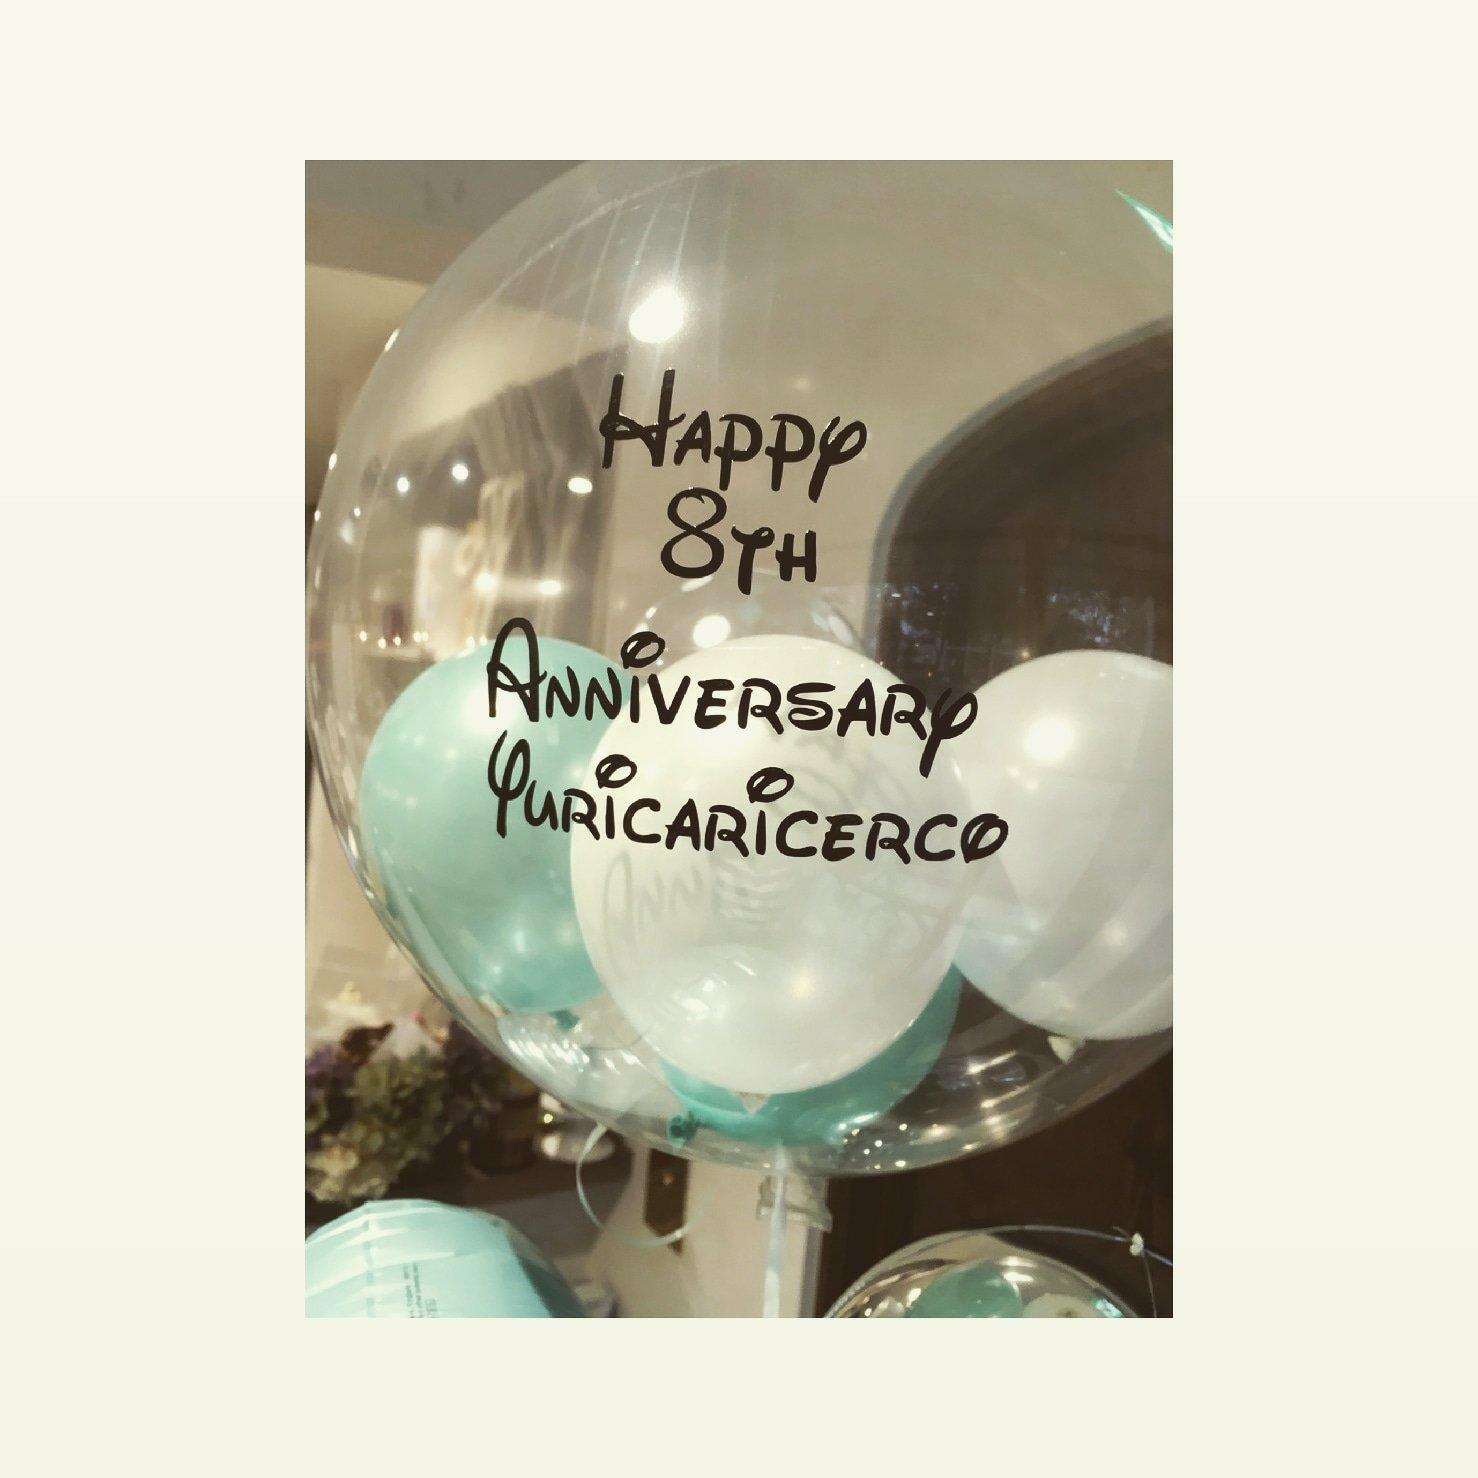 ユーリカリチェルコは創立8周年を迎えました‼️まだまだ邁進して行きます‼️